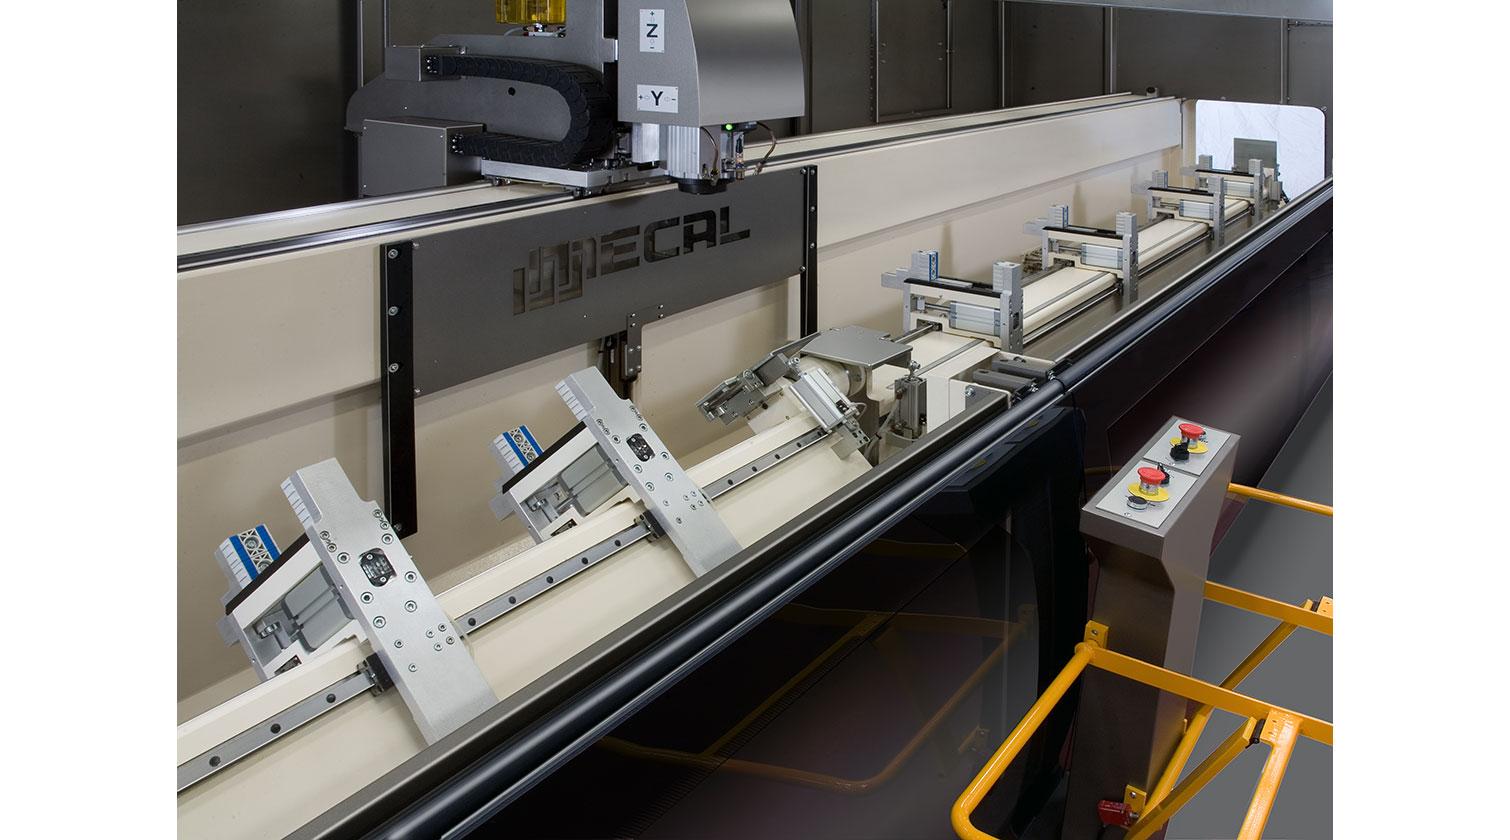 INT aluminum CNC Mecal Gianos rotating beams 1